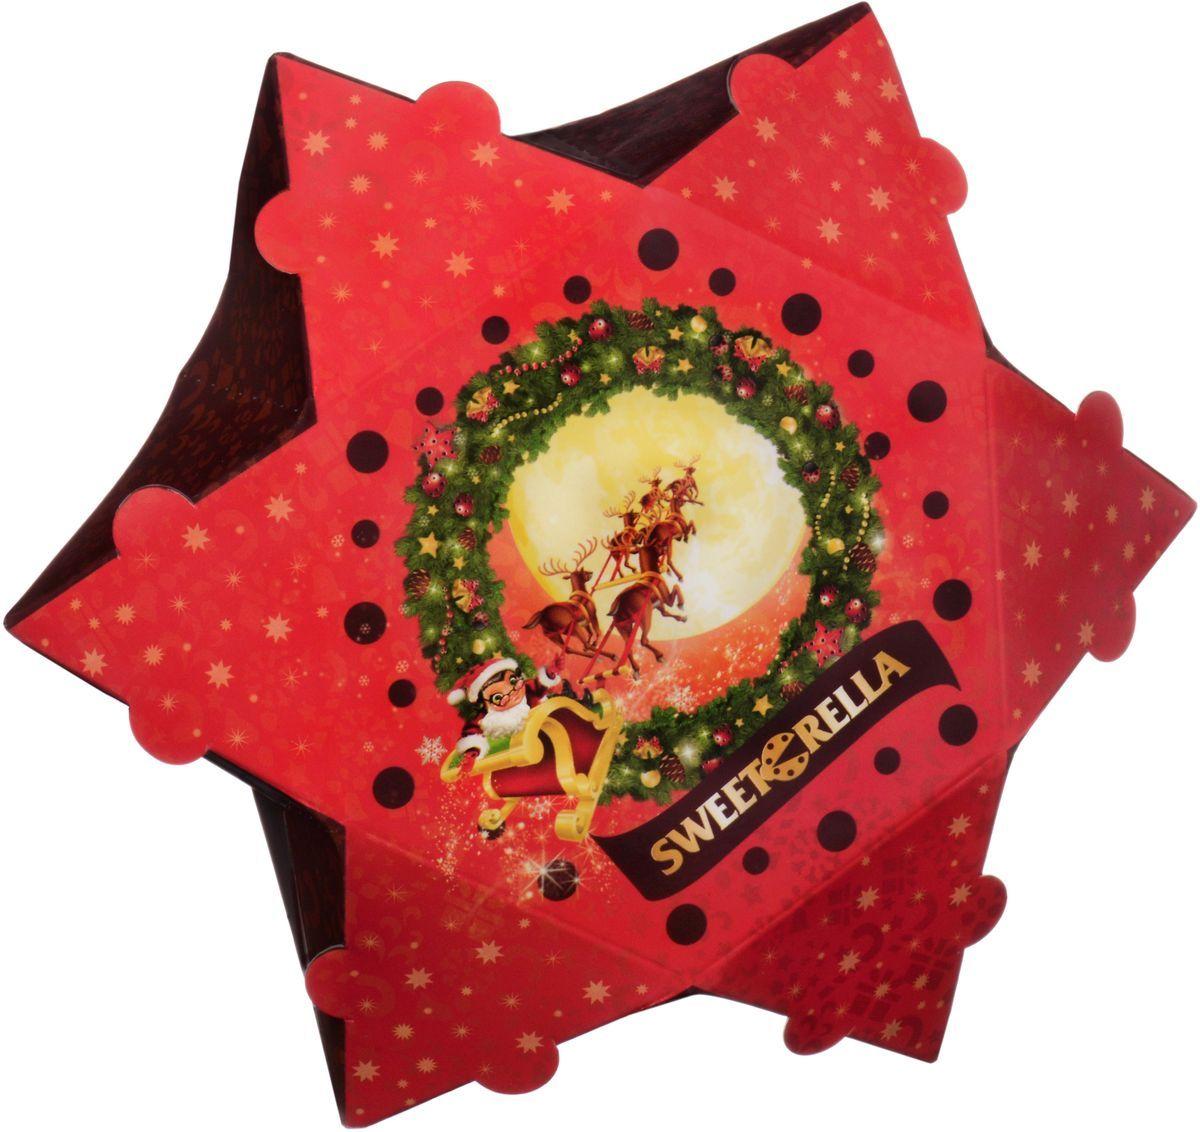 Sweeterella ассорти рождественская звездочка, 125 г0120710Миниатюрная коробочка в форме звезды с различными сладостями! Такая коробочка станет как идеальным дополнением к подарку, так и самим презентом! Состав: Ассорти сладостей: - Суфле глазированное шоколадной глазурью со вкусами Ваниль, Банан, Лесные ягоды, Апельсин; - Конфеты, глазированные шоколадной глазурью с сахарно-помадной начинкой со вкусами Йогурт, Тутти-Фрутти, Дыня